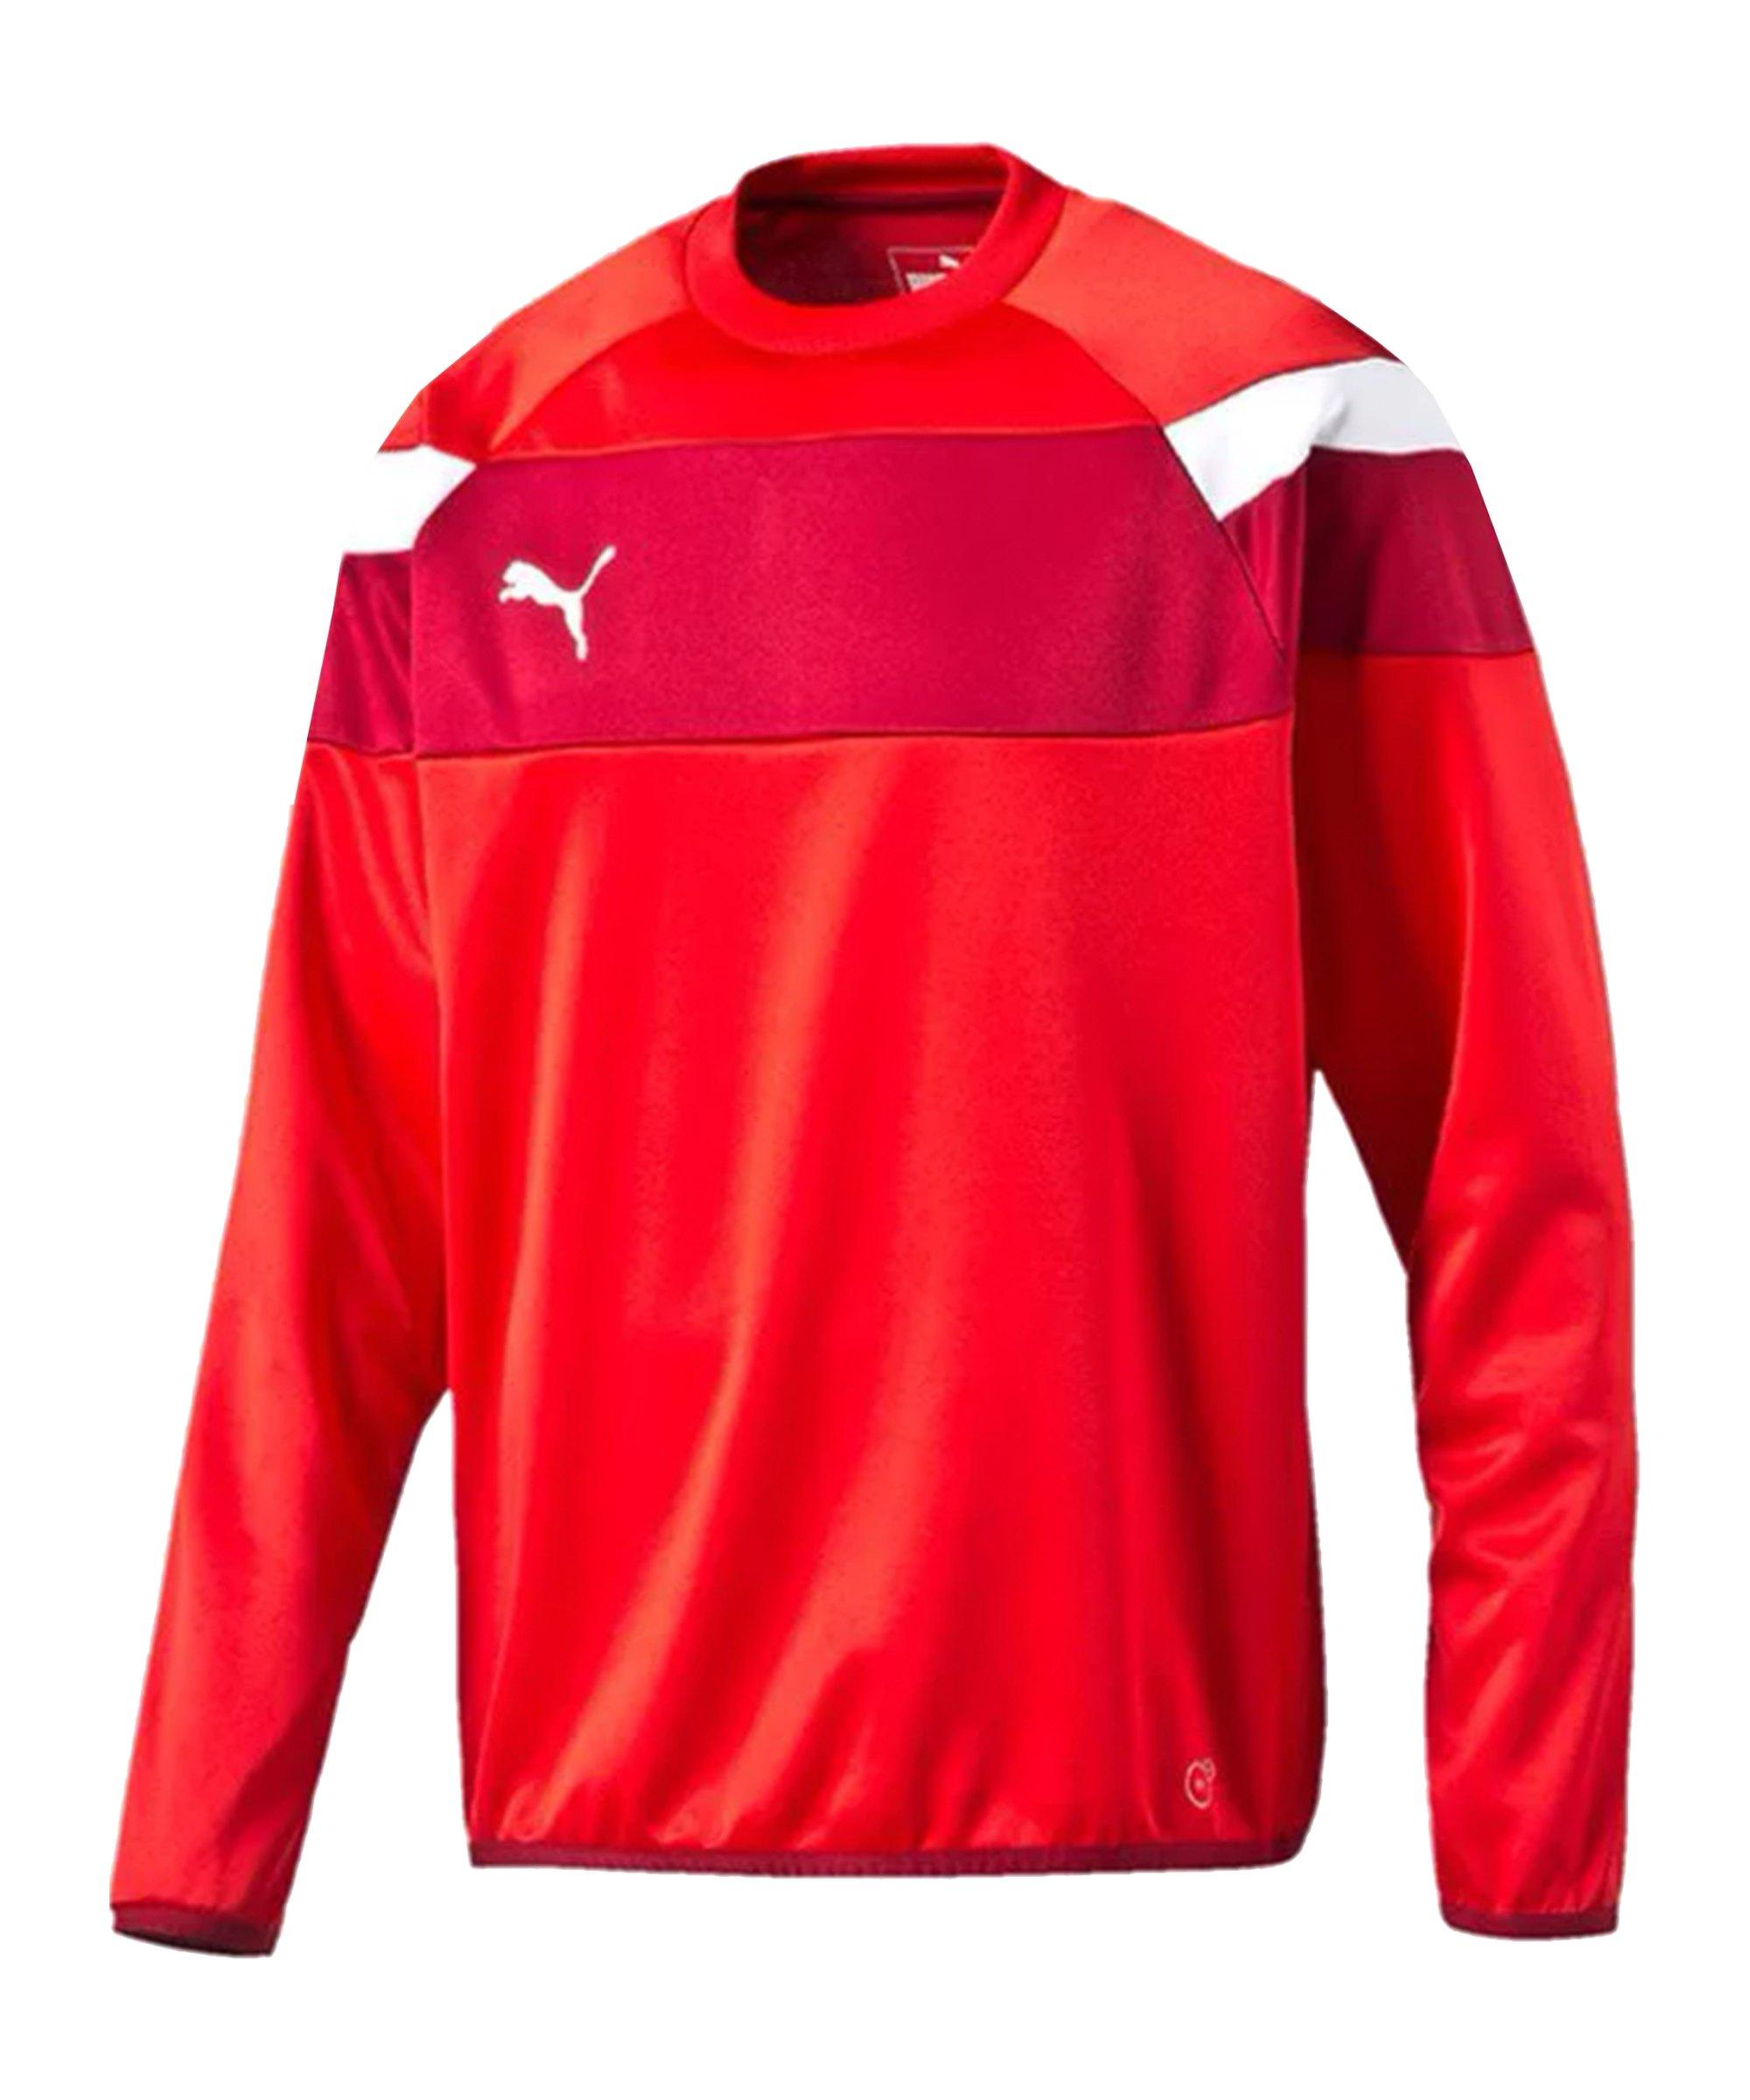 PUMA Sweatshirt Training Spirit II Rot Weiss F01 - rot